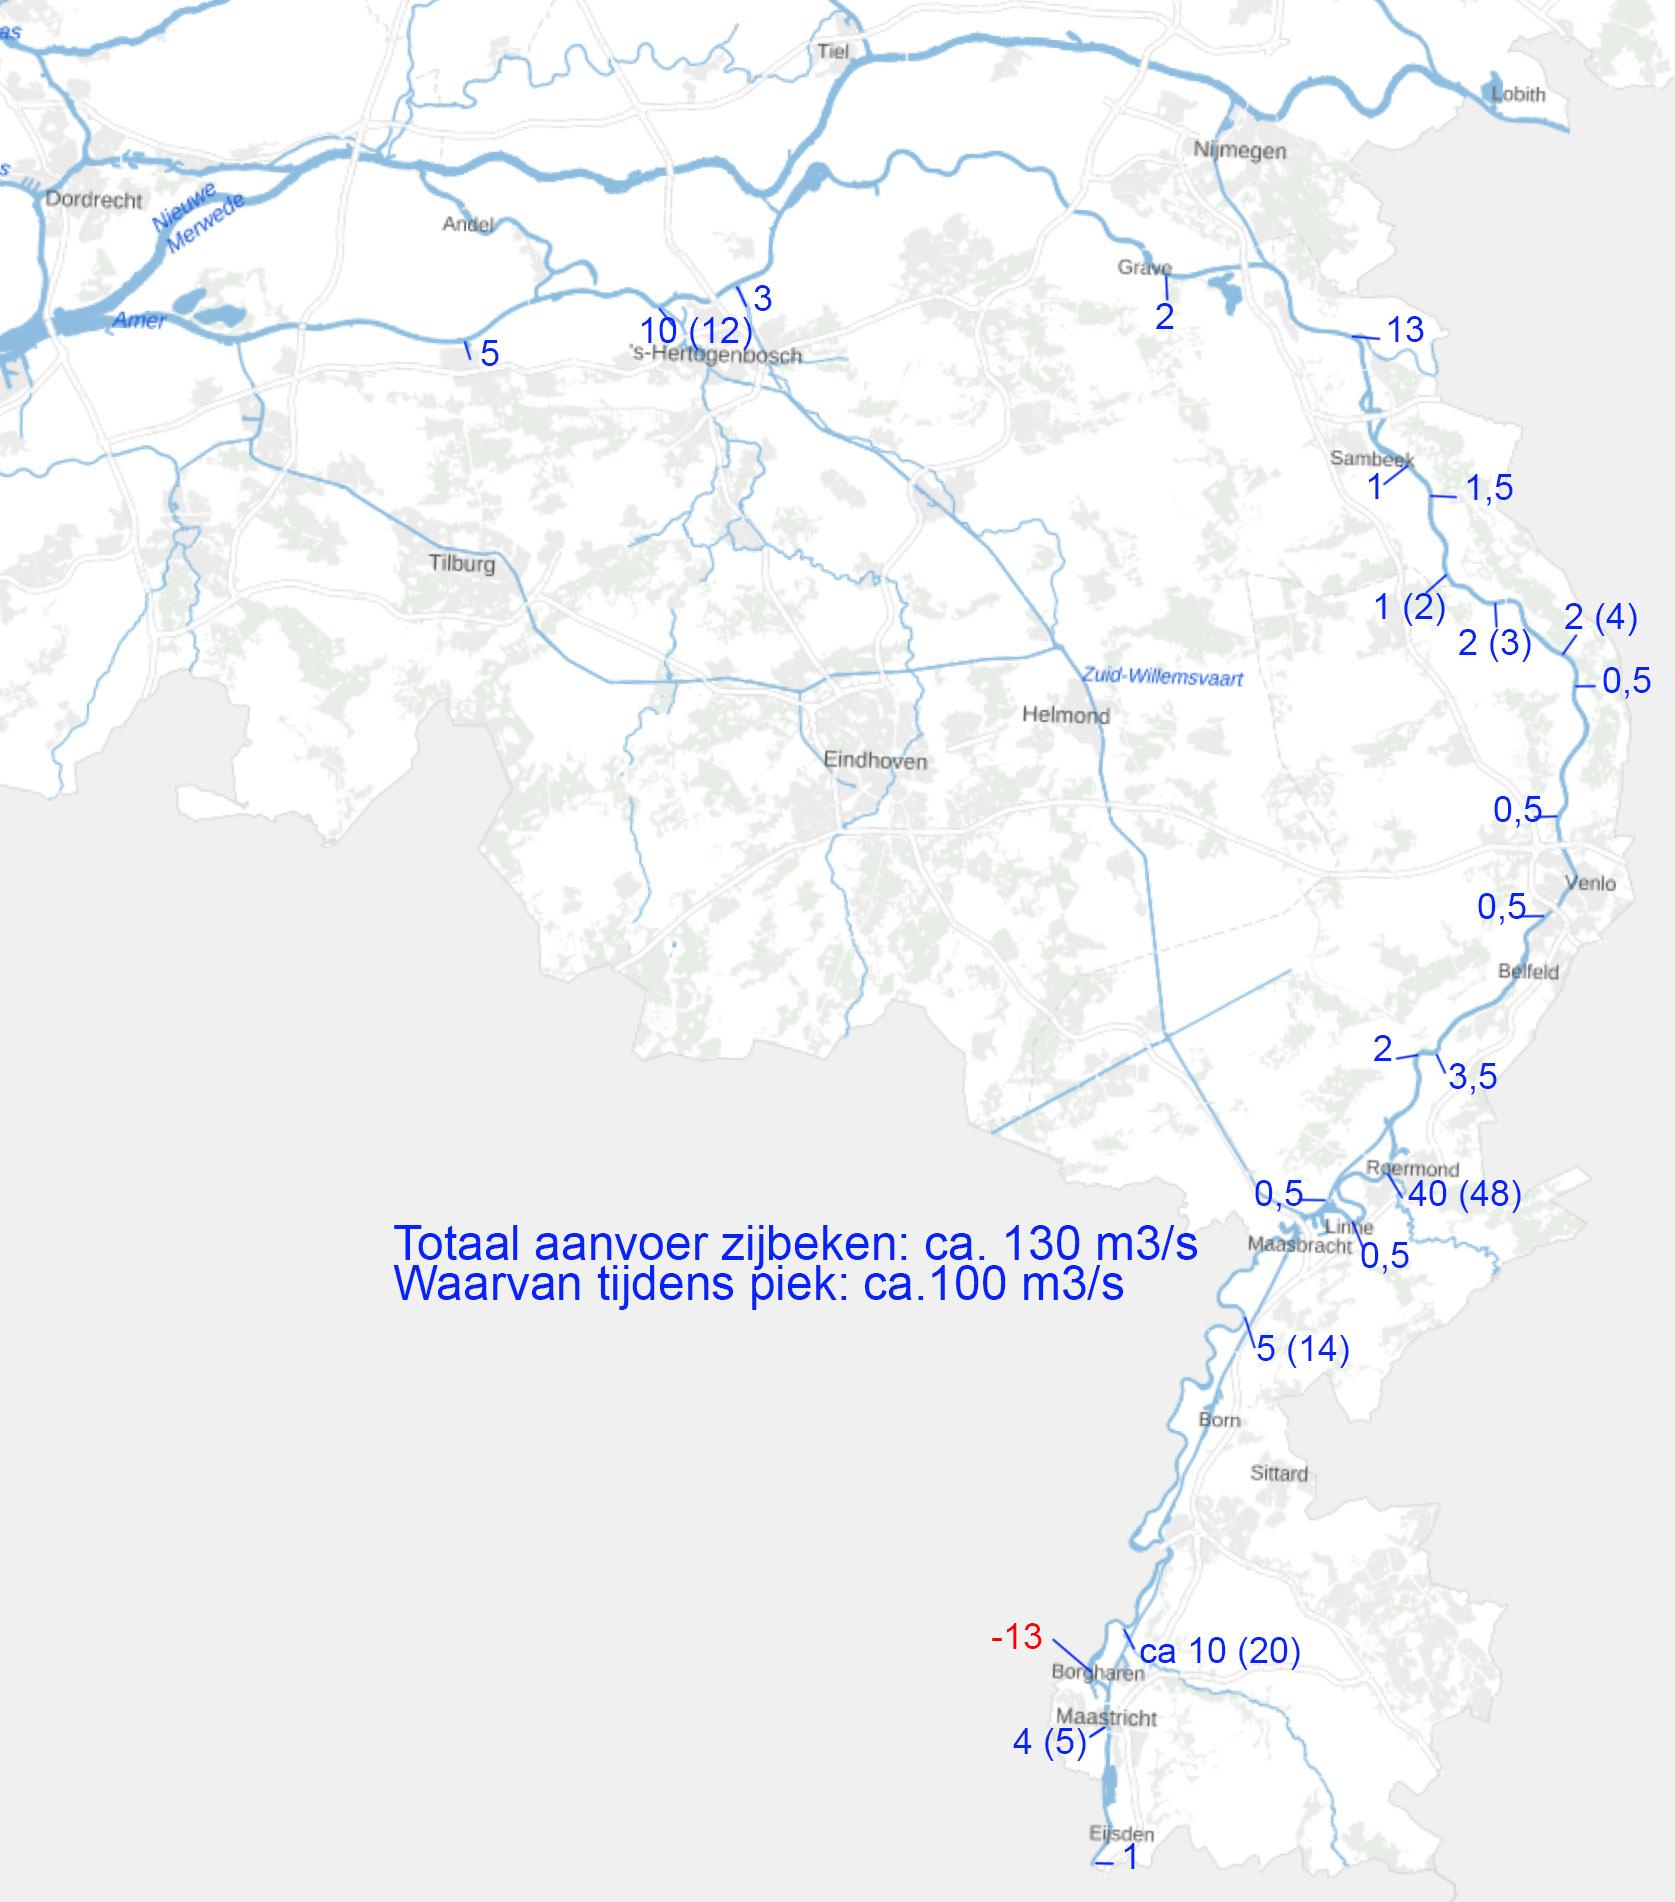 Toestroom naar de Maas vanuit de zijbeken ten tijde van de piek (tussen haakjes de maximale afvoer  die werd gehaald)